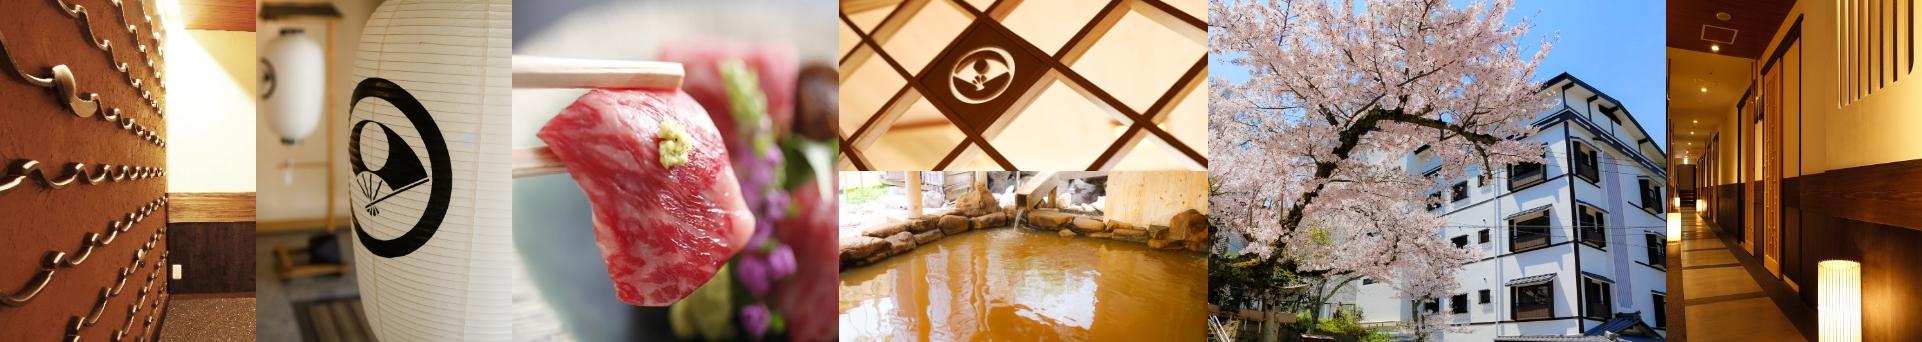 有馬ロイヤルホテルのイメージ